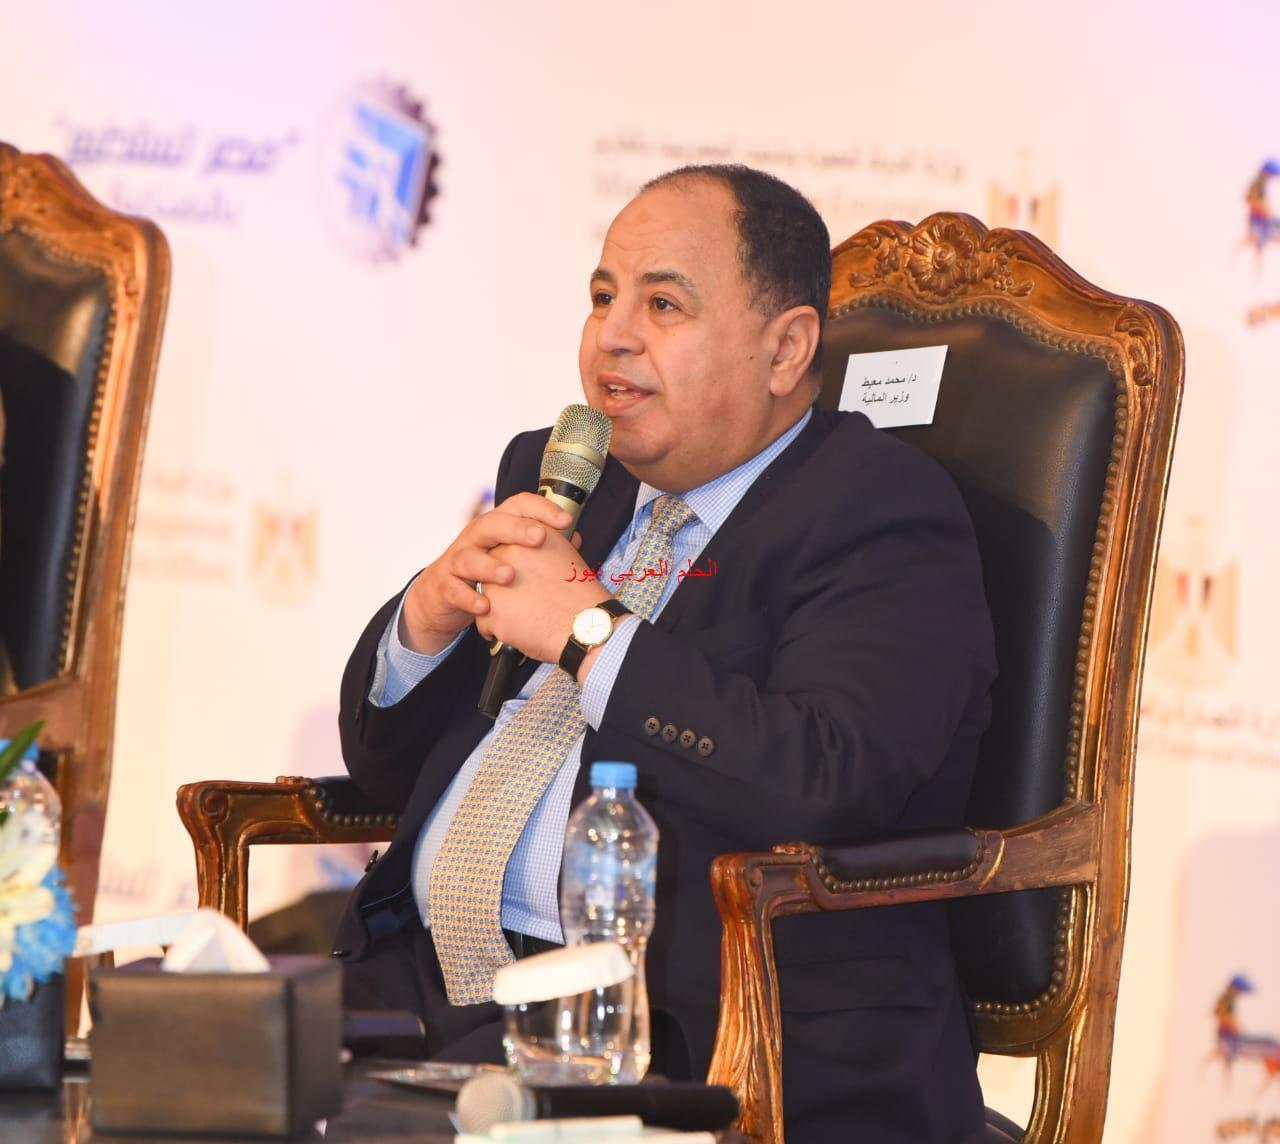 """خلال الندوة الرابعة لـ""""مصر تستطيع بالصناعة"""" لمناقشة """"استراتيجية التمويل الصناعي في مصر"""".. بقلم ليلي حسين"""